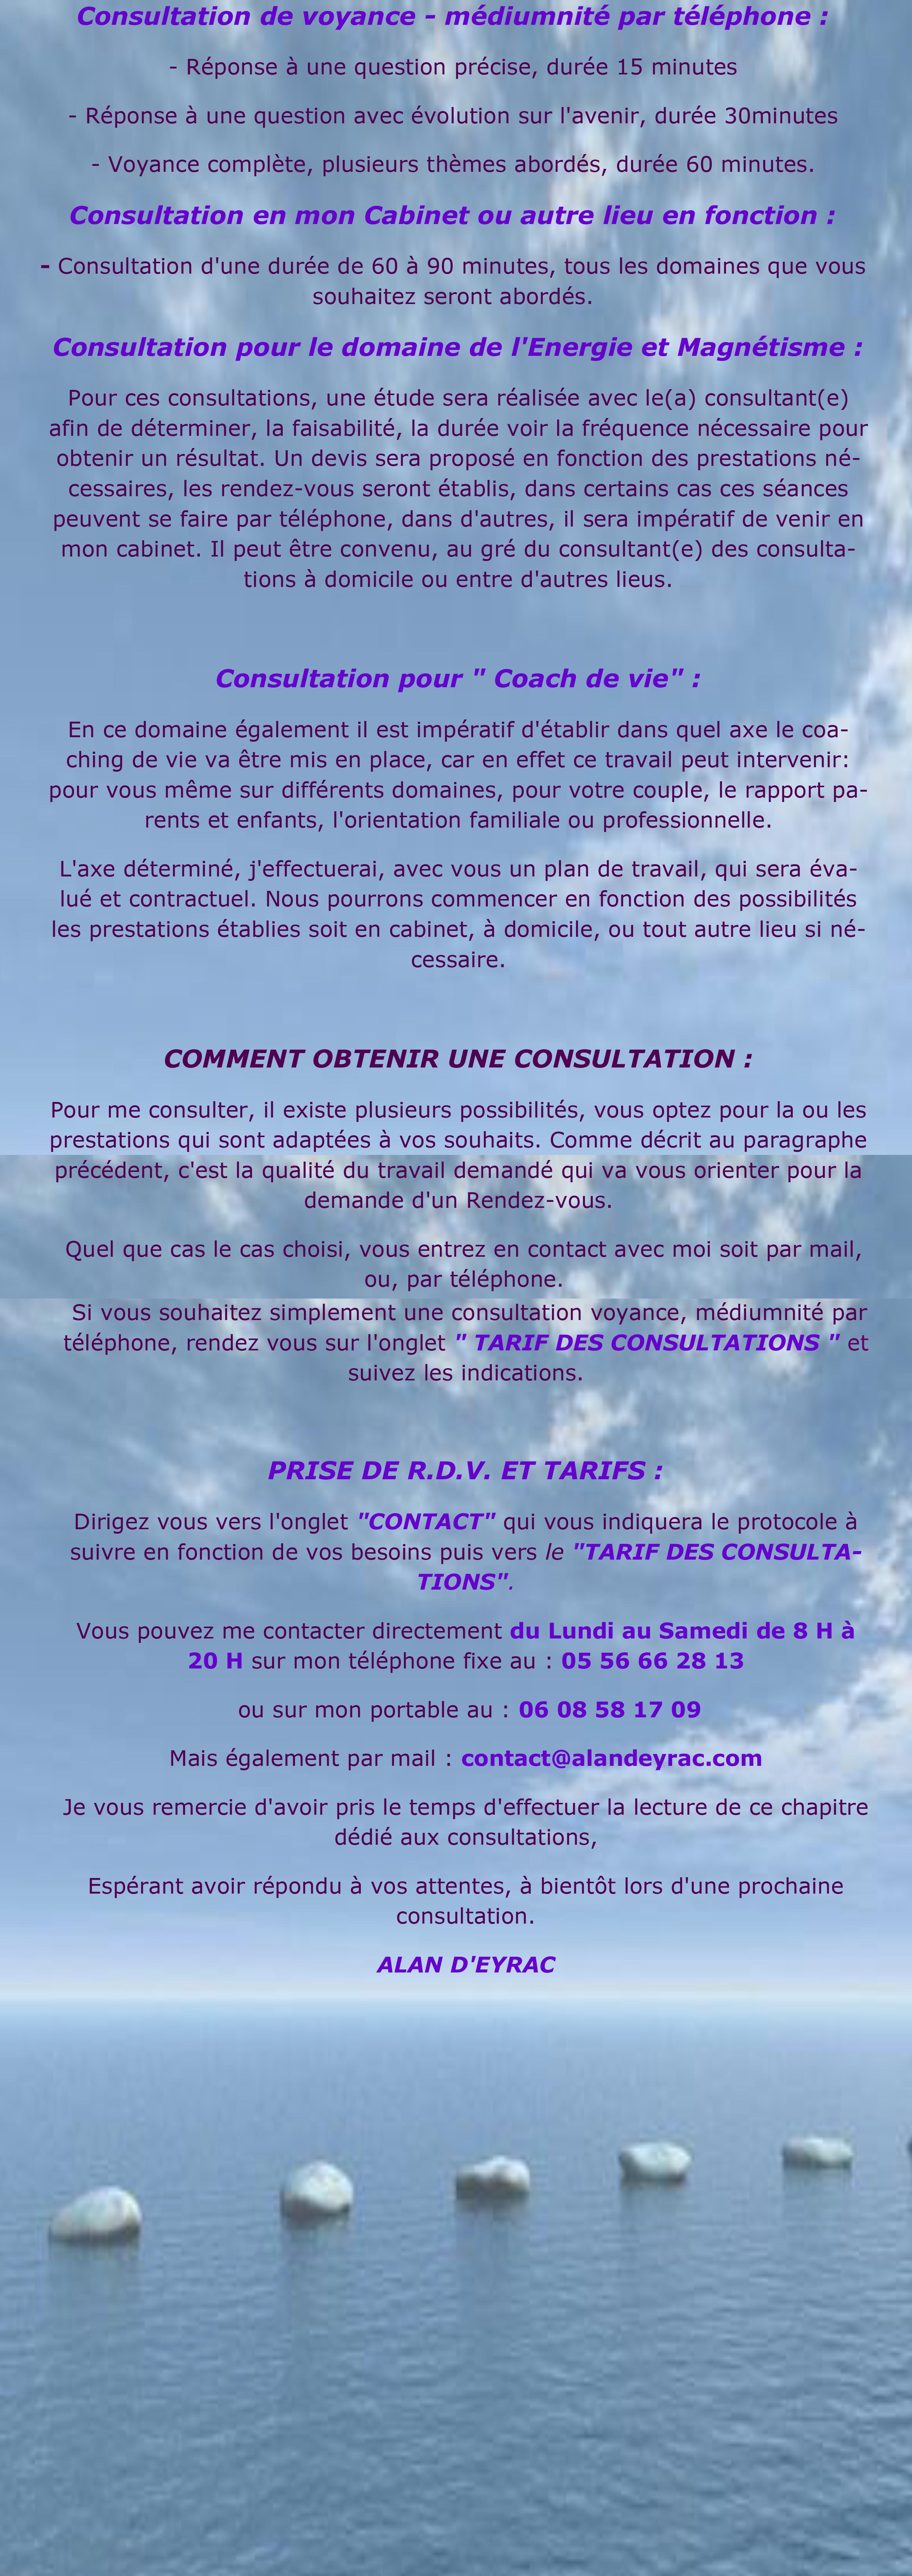 consultation_02